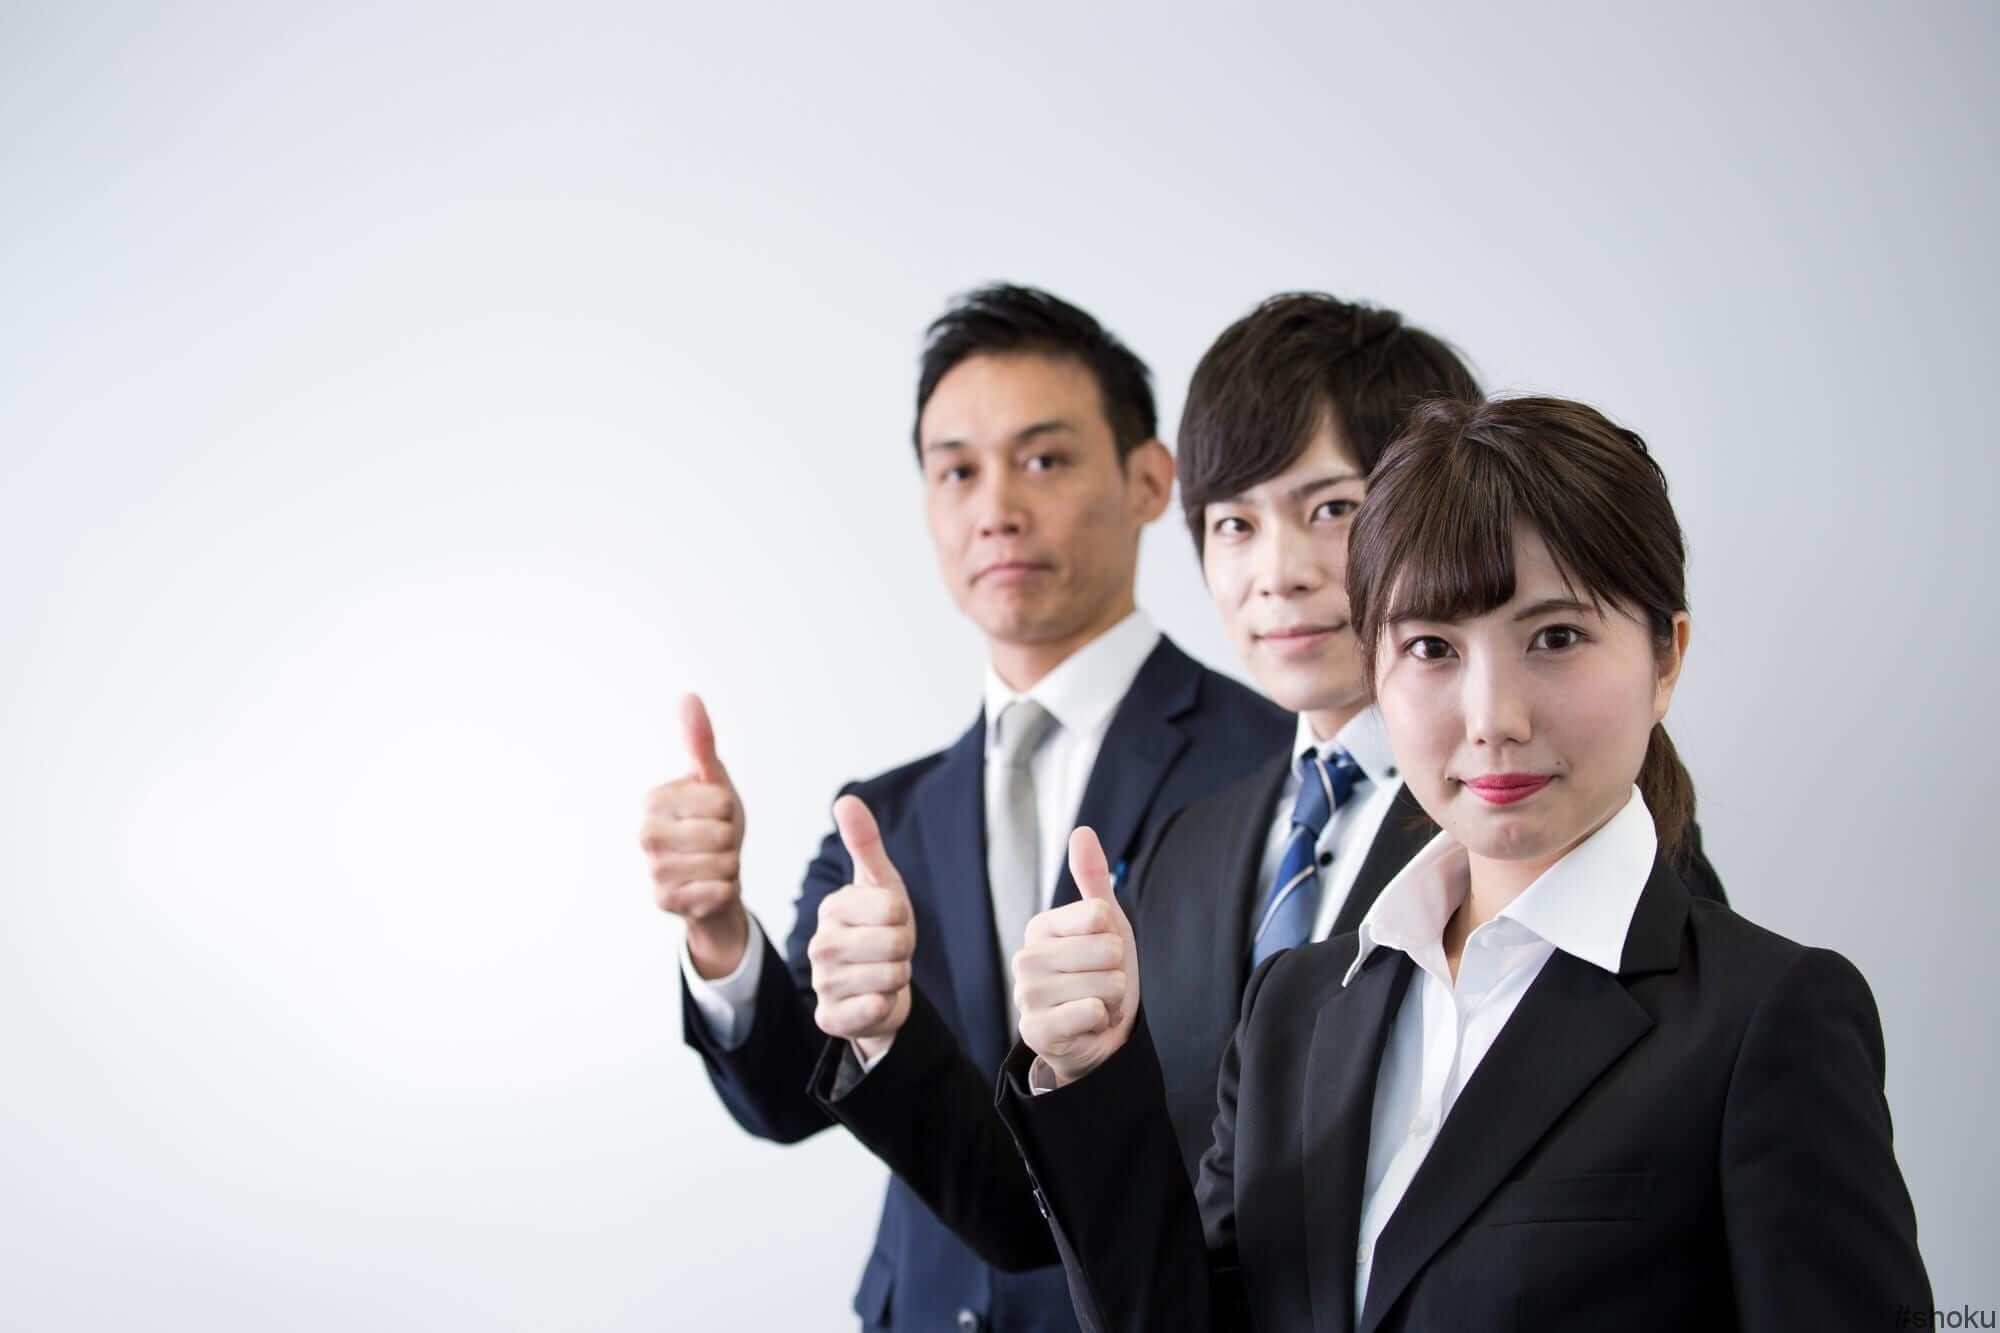 人気業界の営業職希望